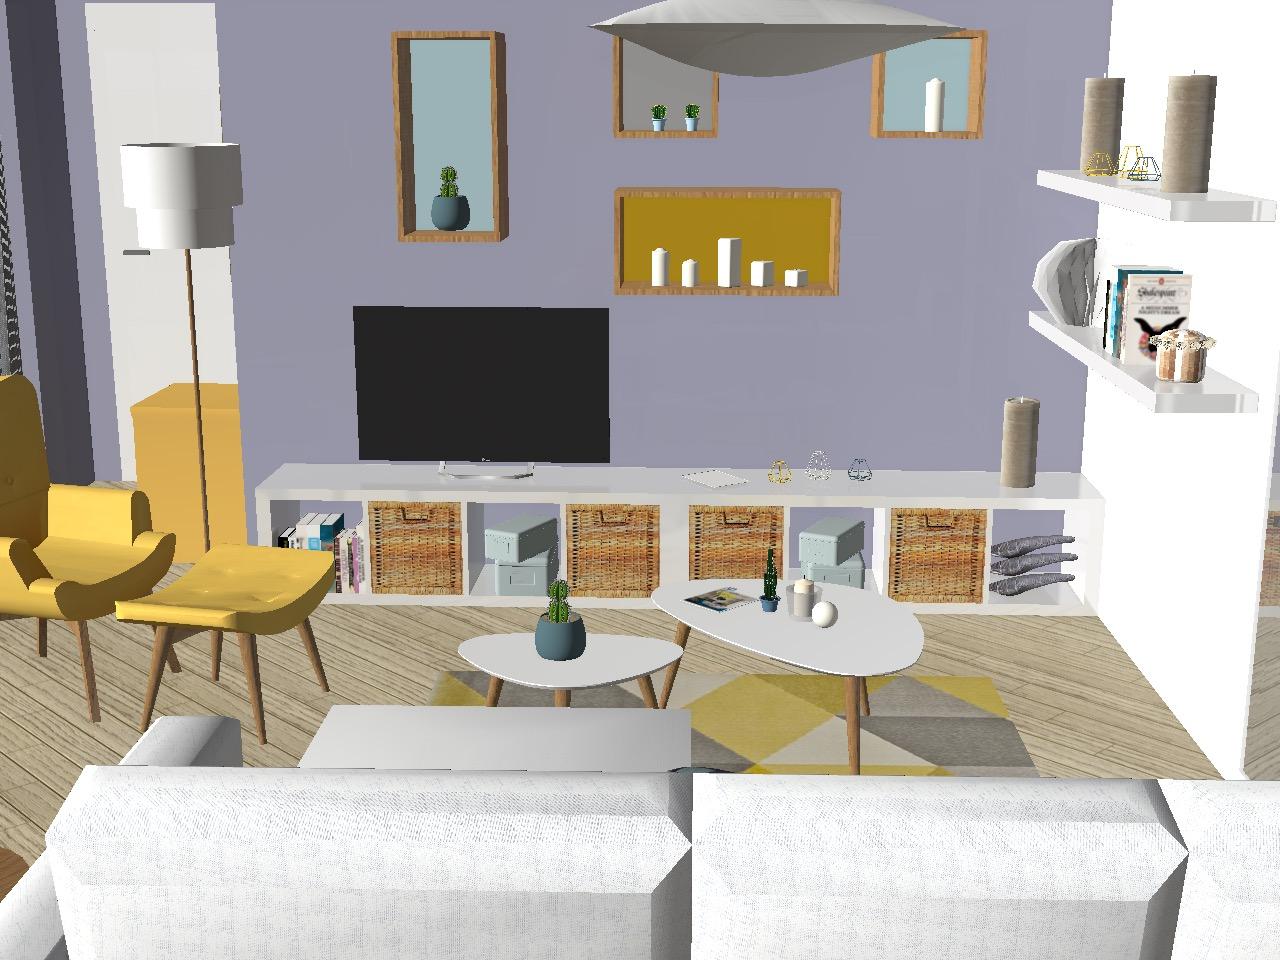 sejour-8villa-vailhauques-renovation-latelierdelisa